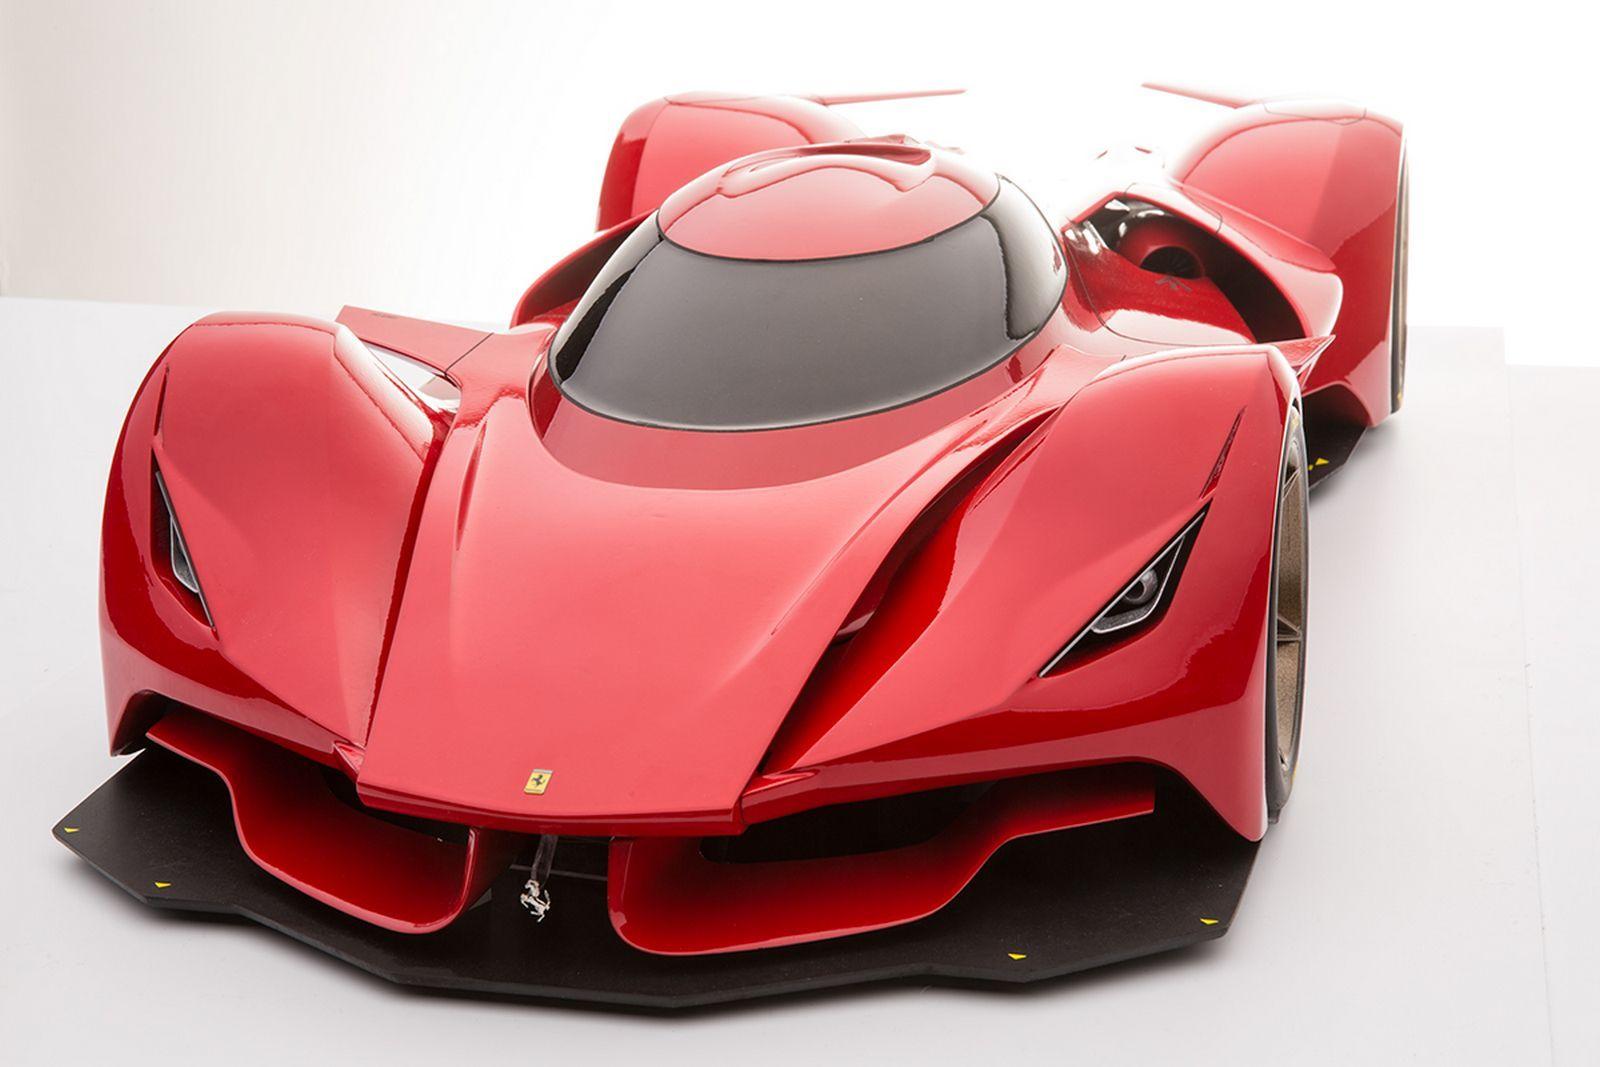 Futuristic Ferrari Le Mans Prototype Renderings Are